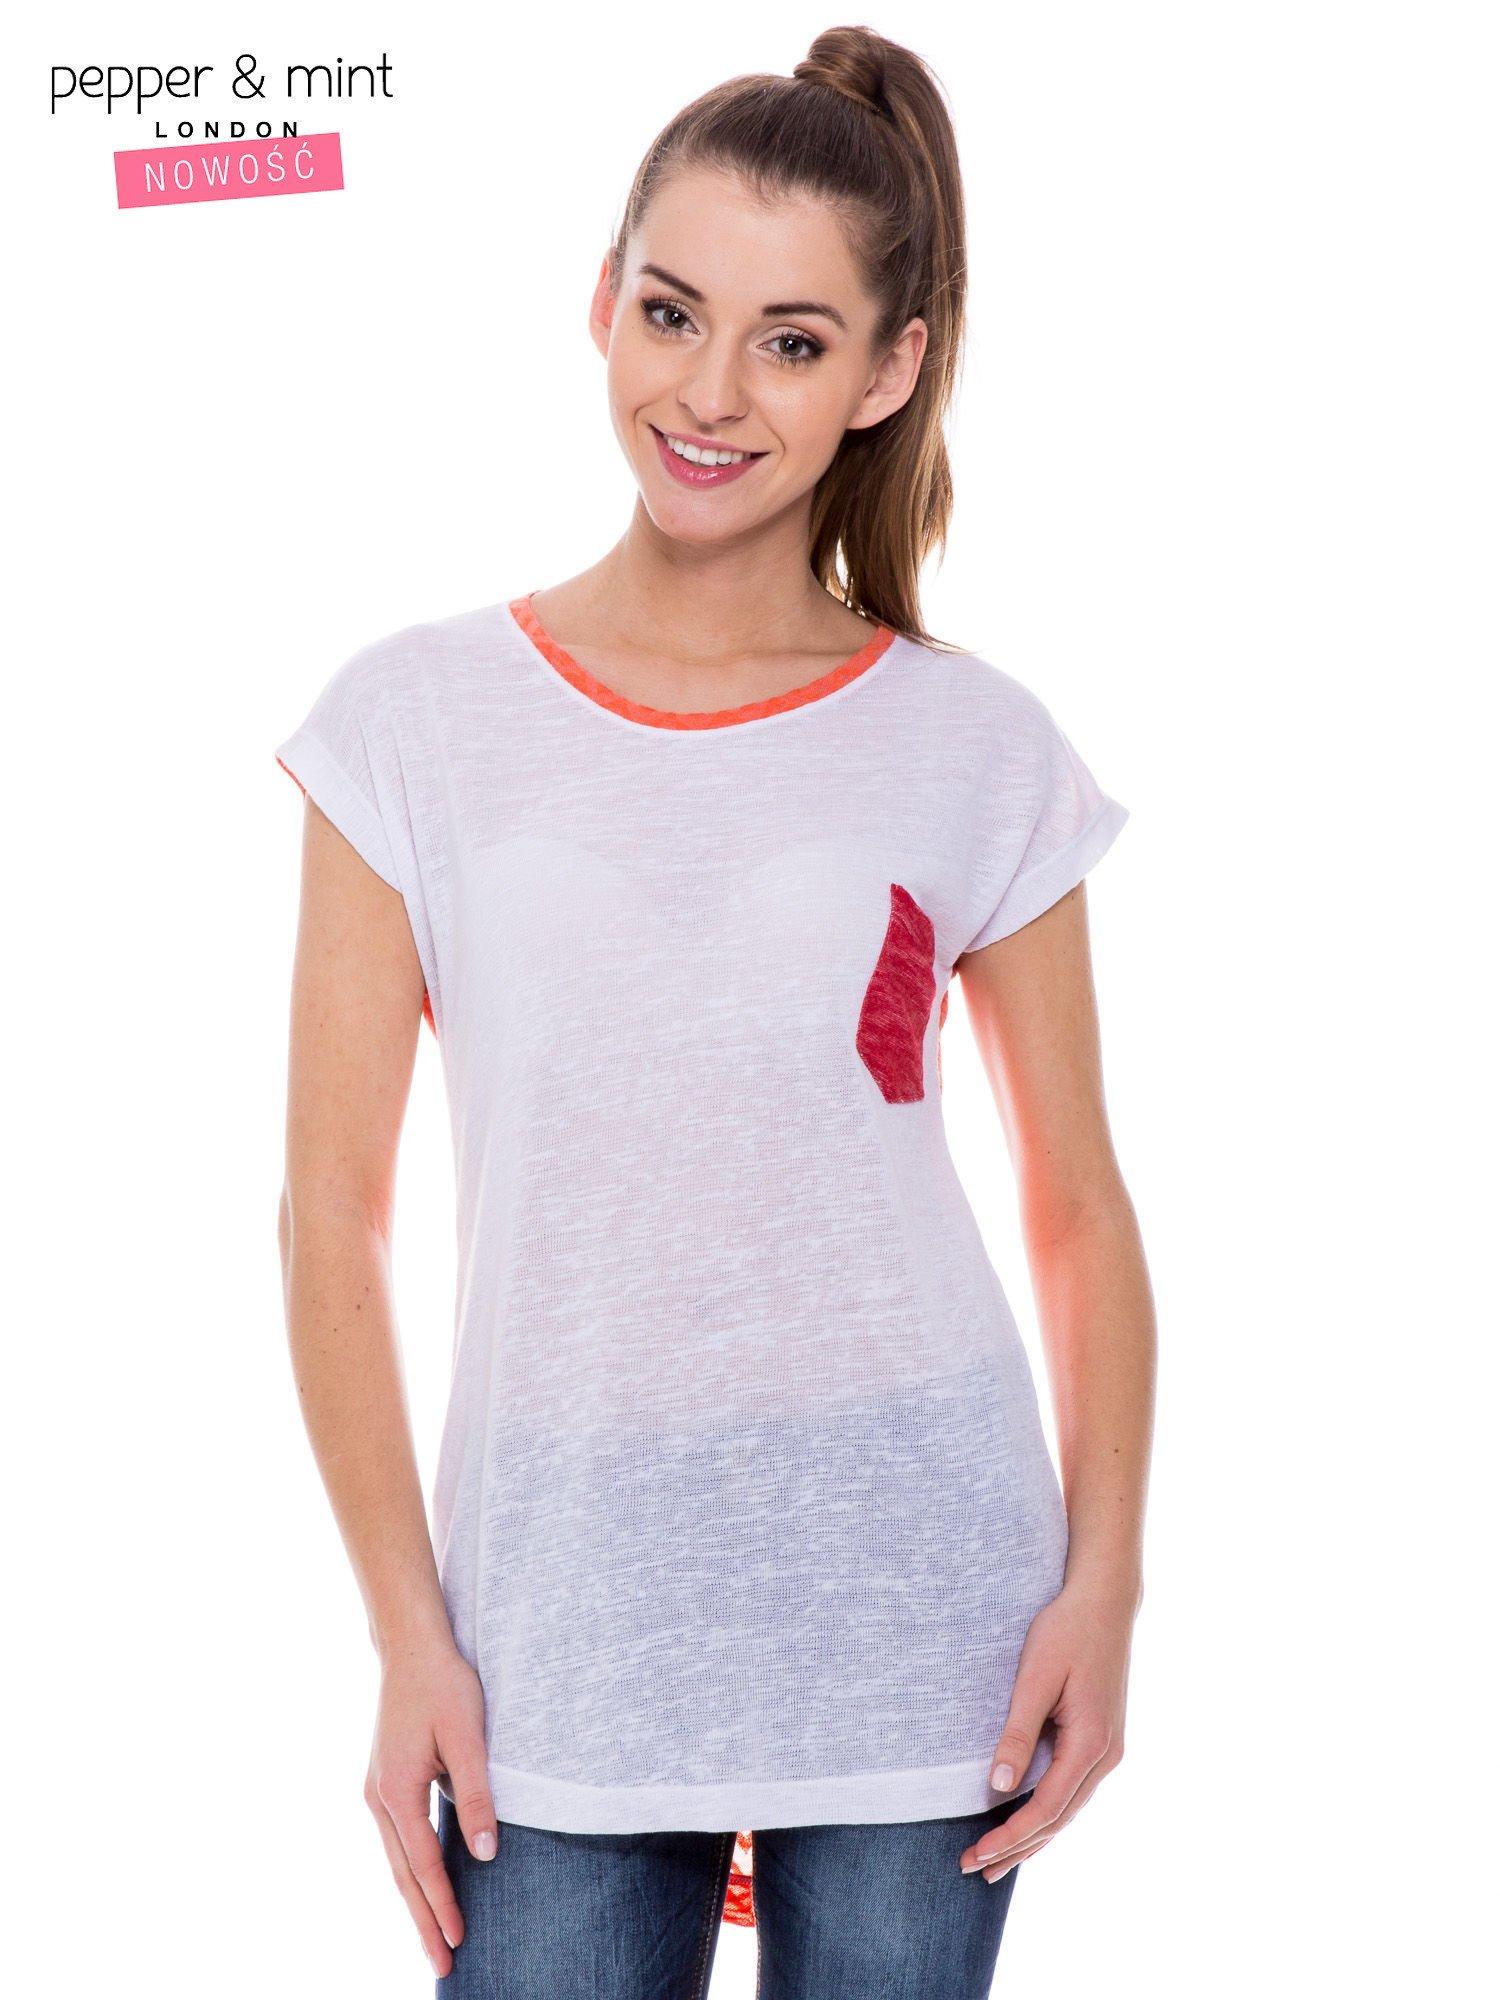 Biały t-shirt z wydłużanym tyłem w pomarańczowym kolorze                                  zdj.                                  1